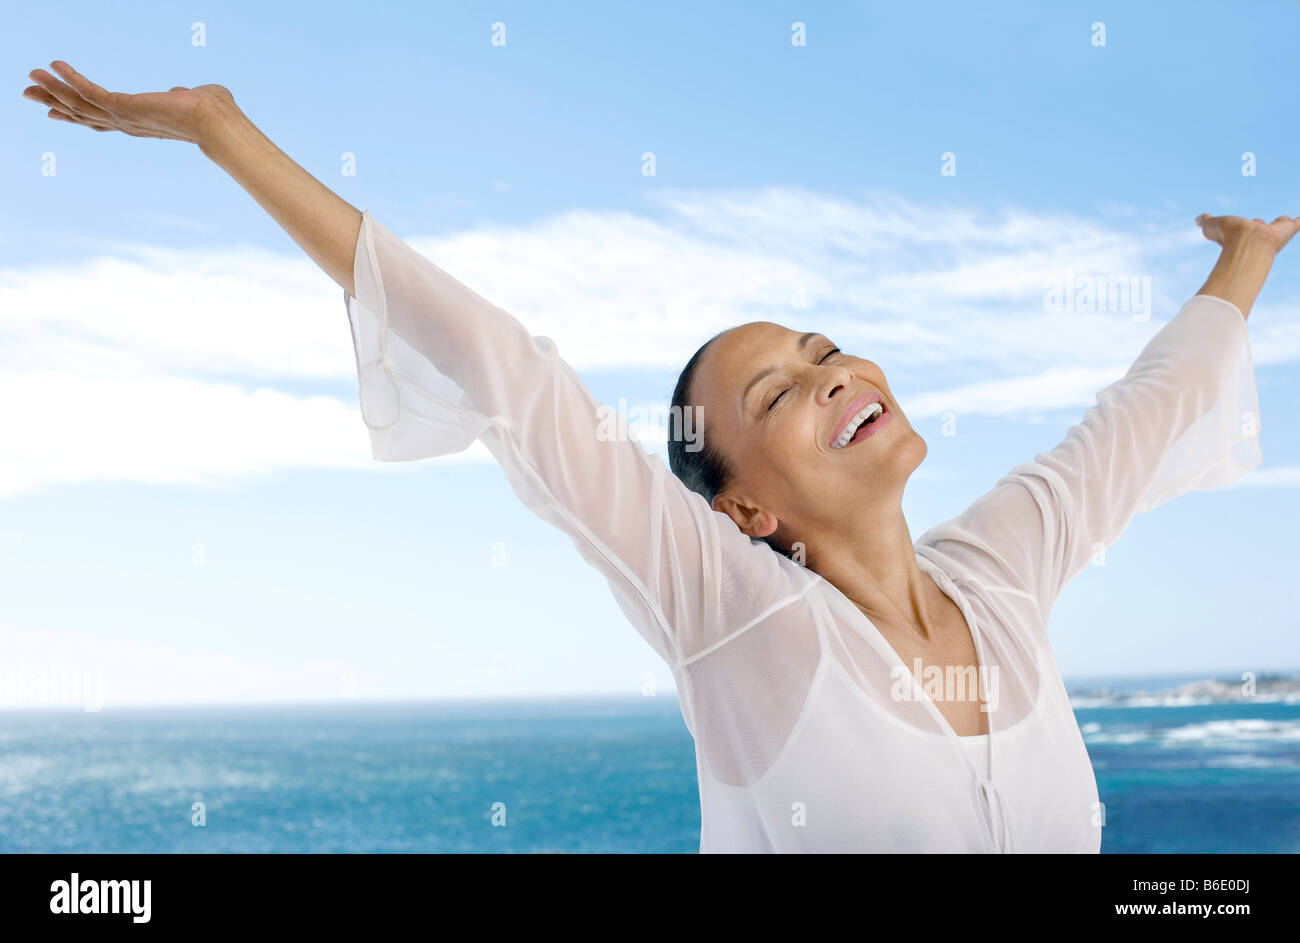 Mujer alegre y con los brazos extendidos al lado del mar. Imagen De Stock